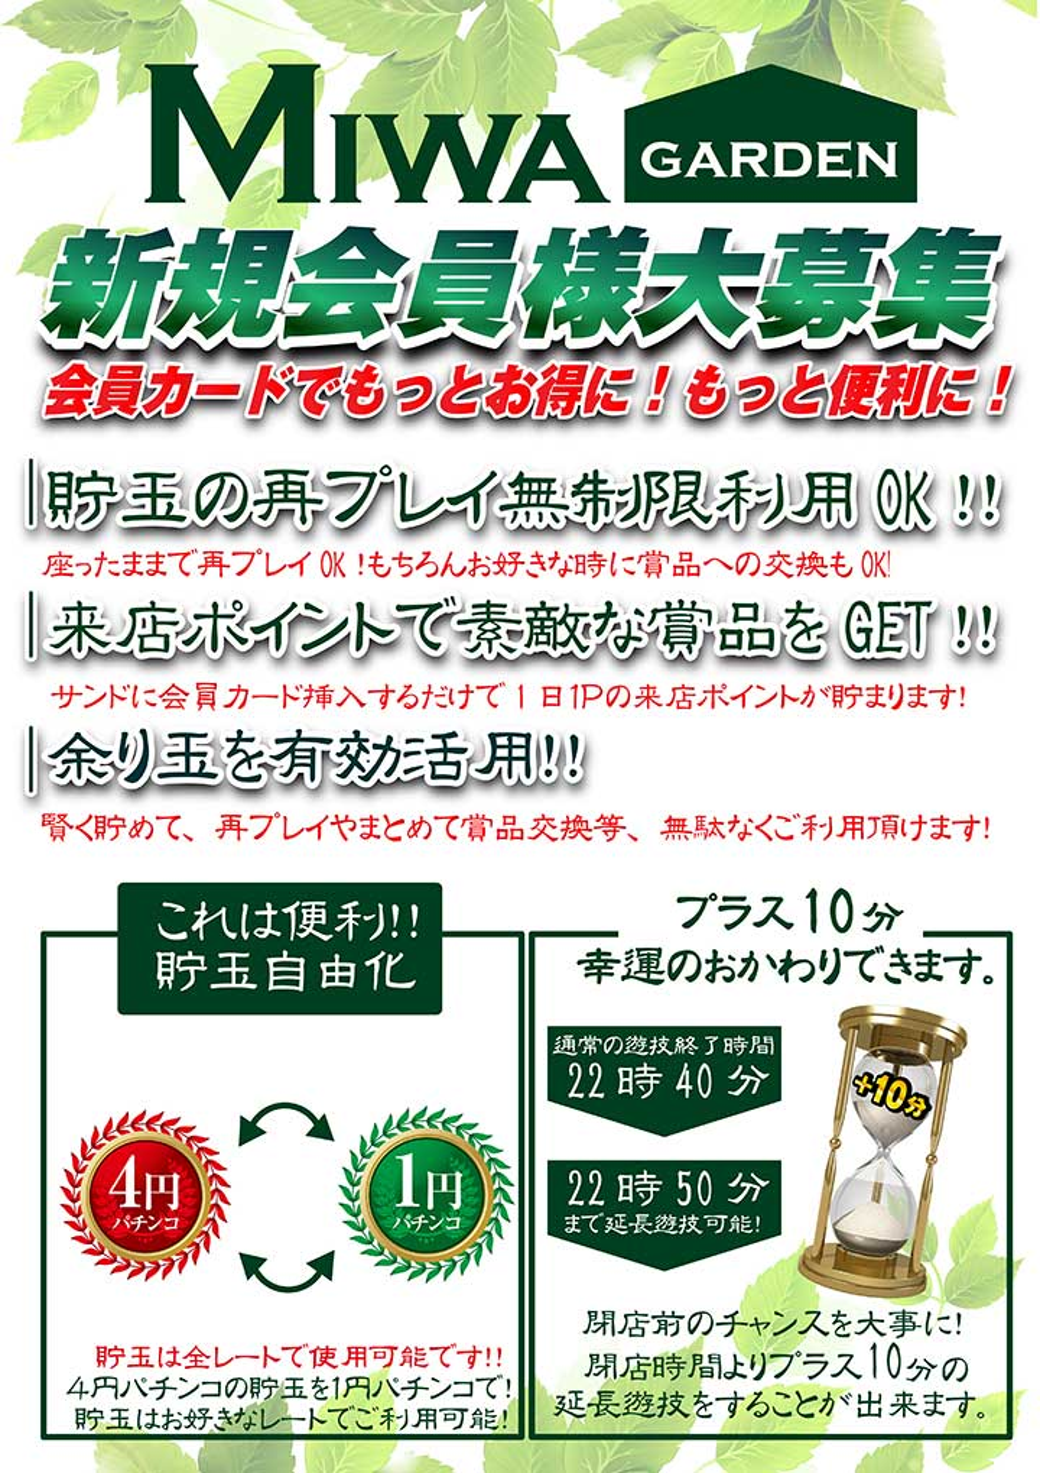 阪神今津西宮北口夙川香露園優良店117